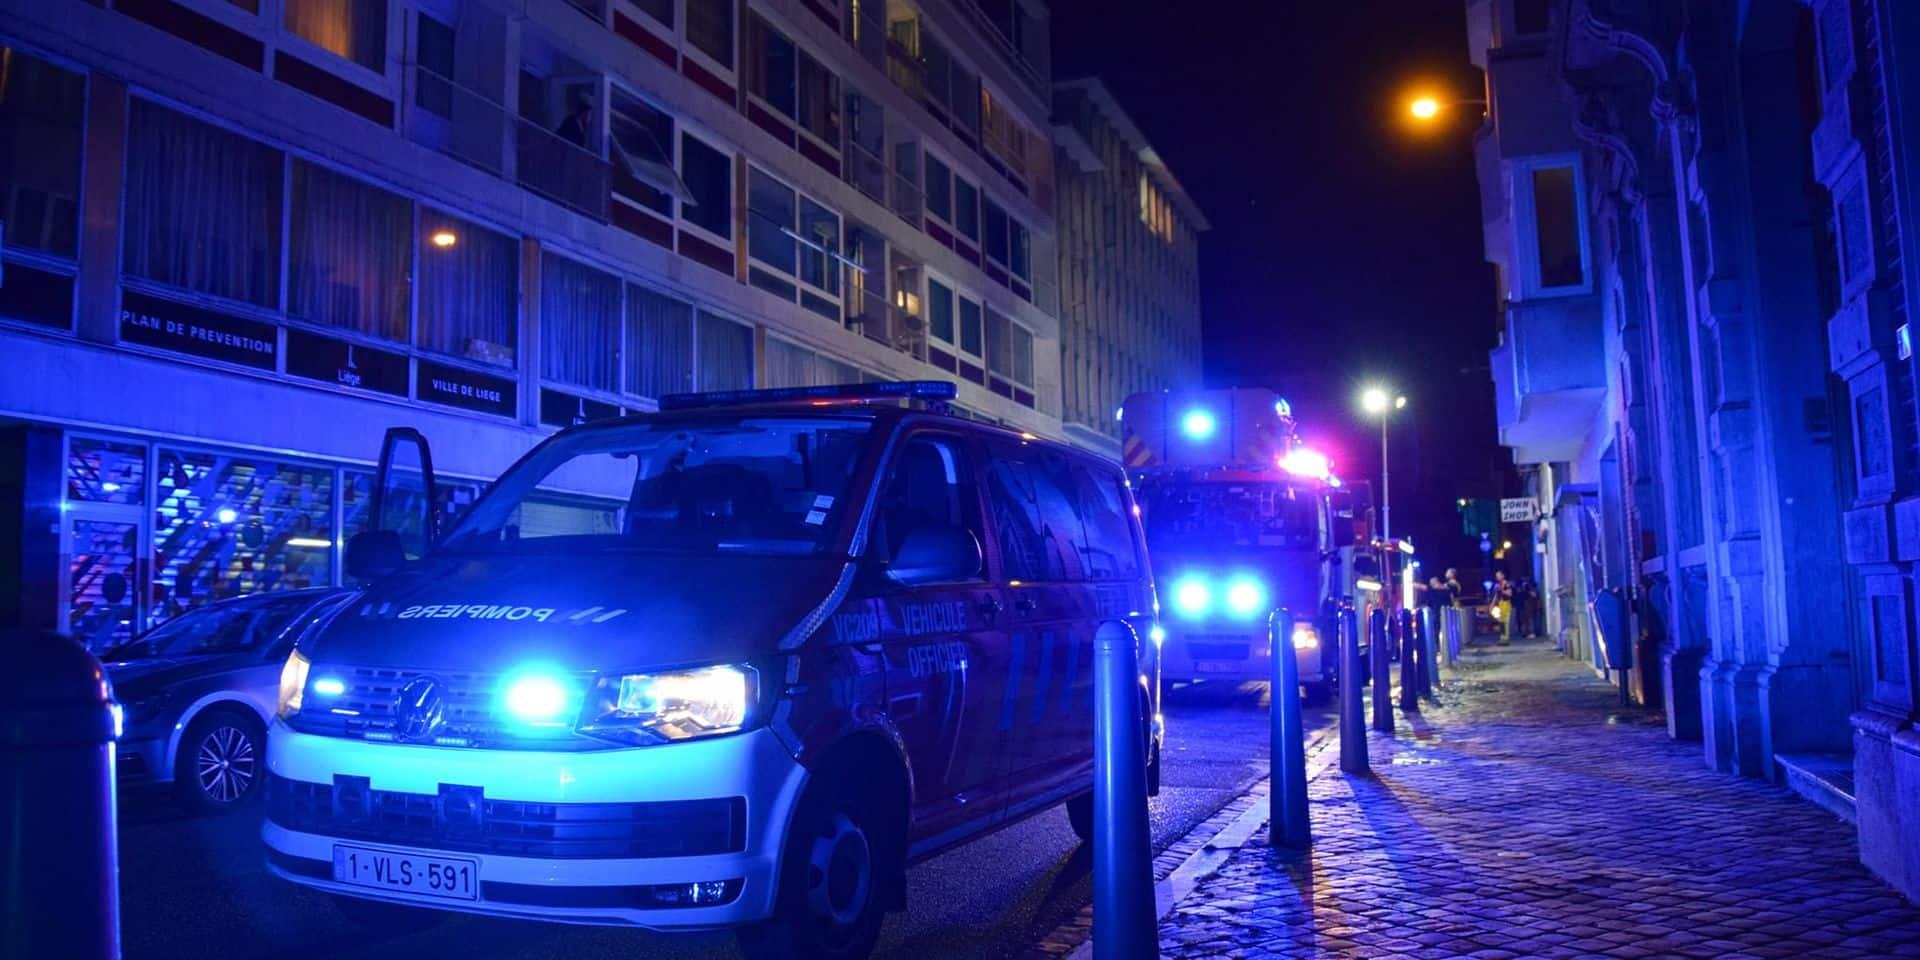 Liège : incendie dans un appartement suite à une casserole oubliée